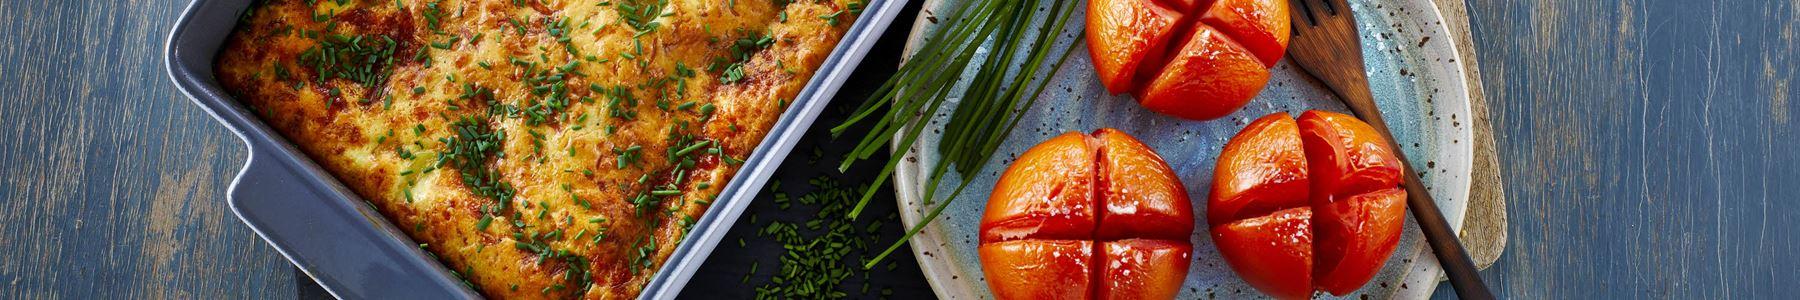 Tomat + Mozzarella